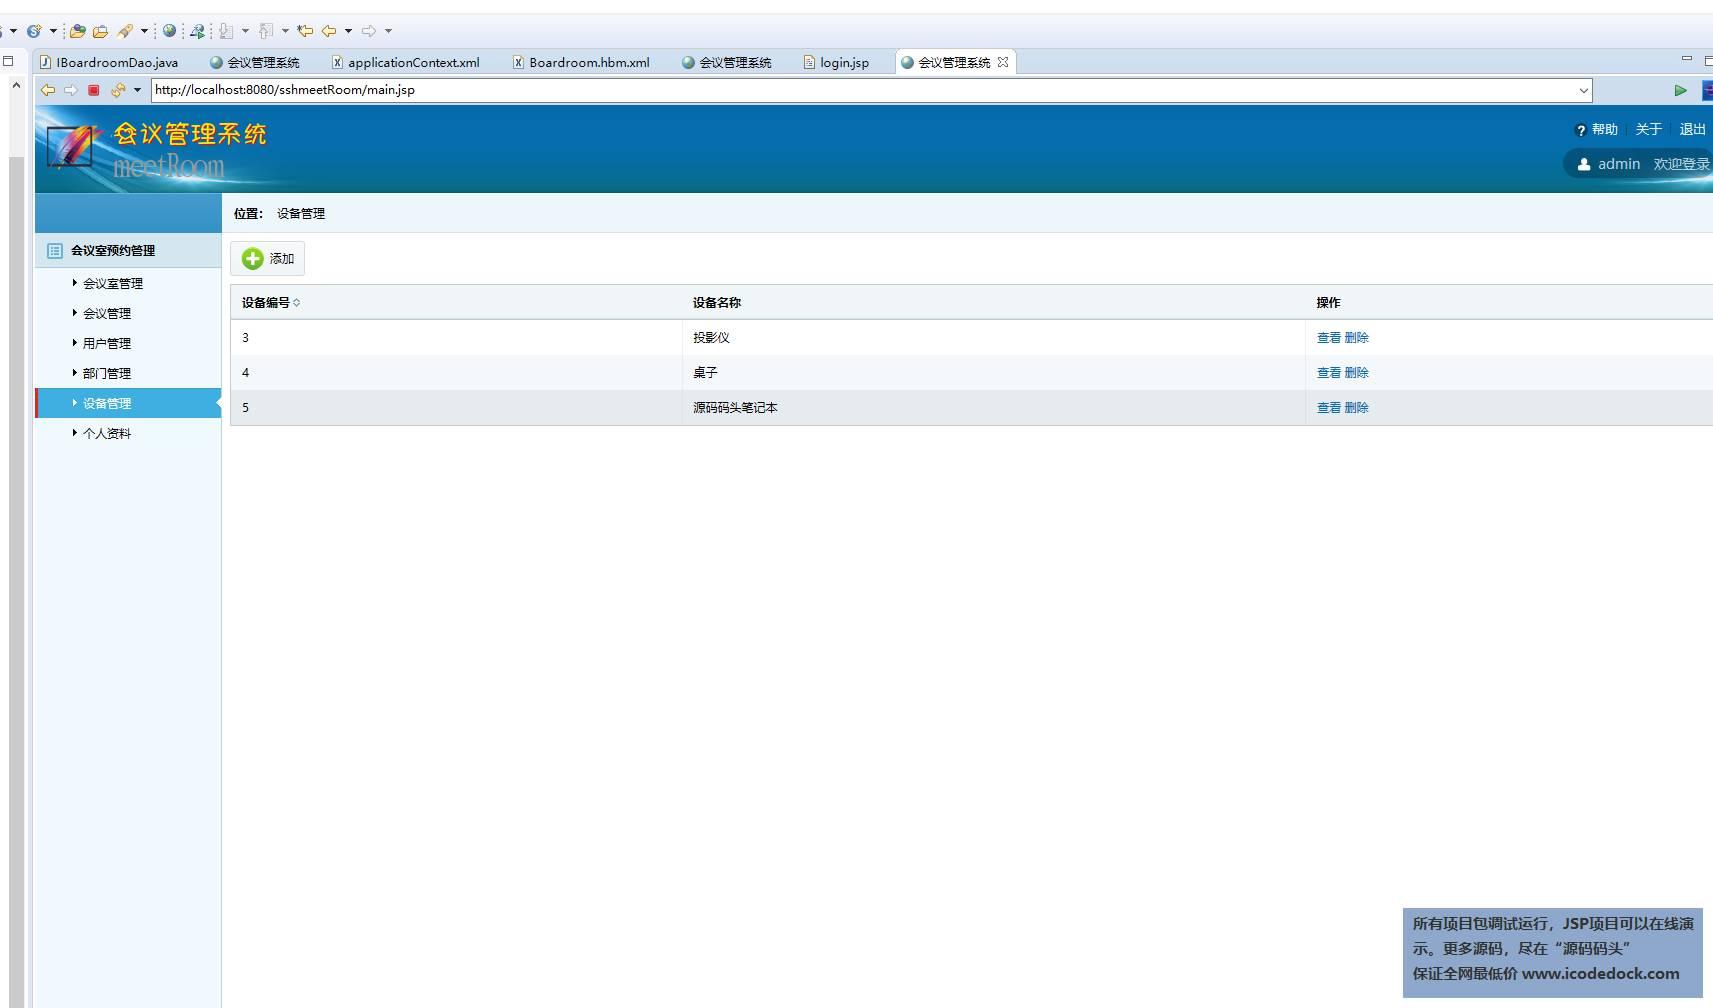 源码码头-SSH会议室管理系统-管理员角色-设备管理